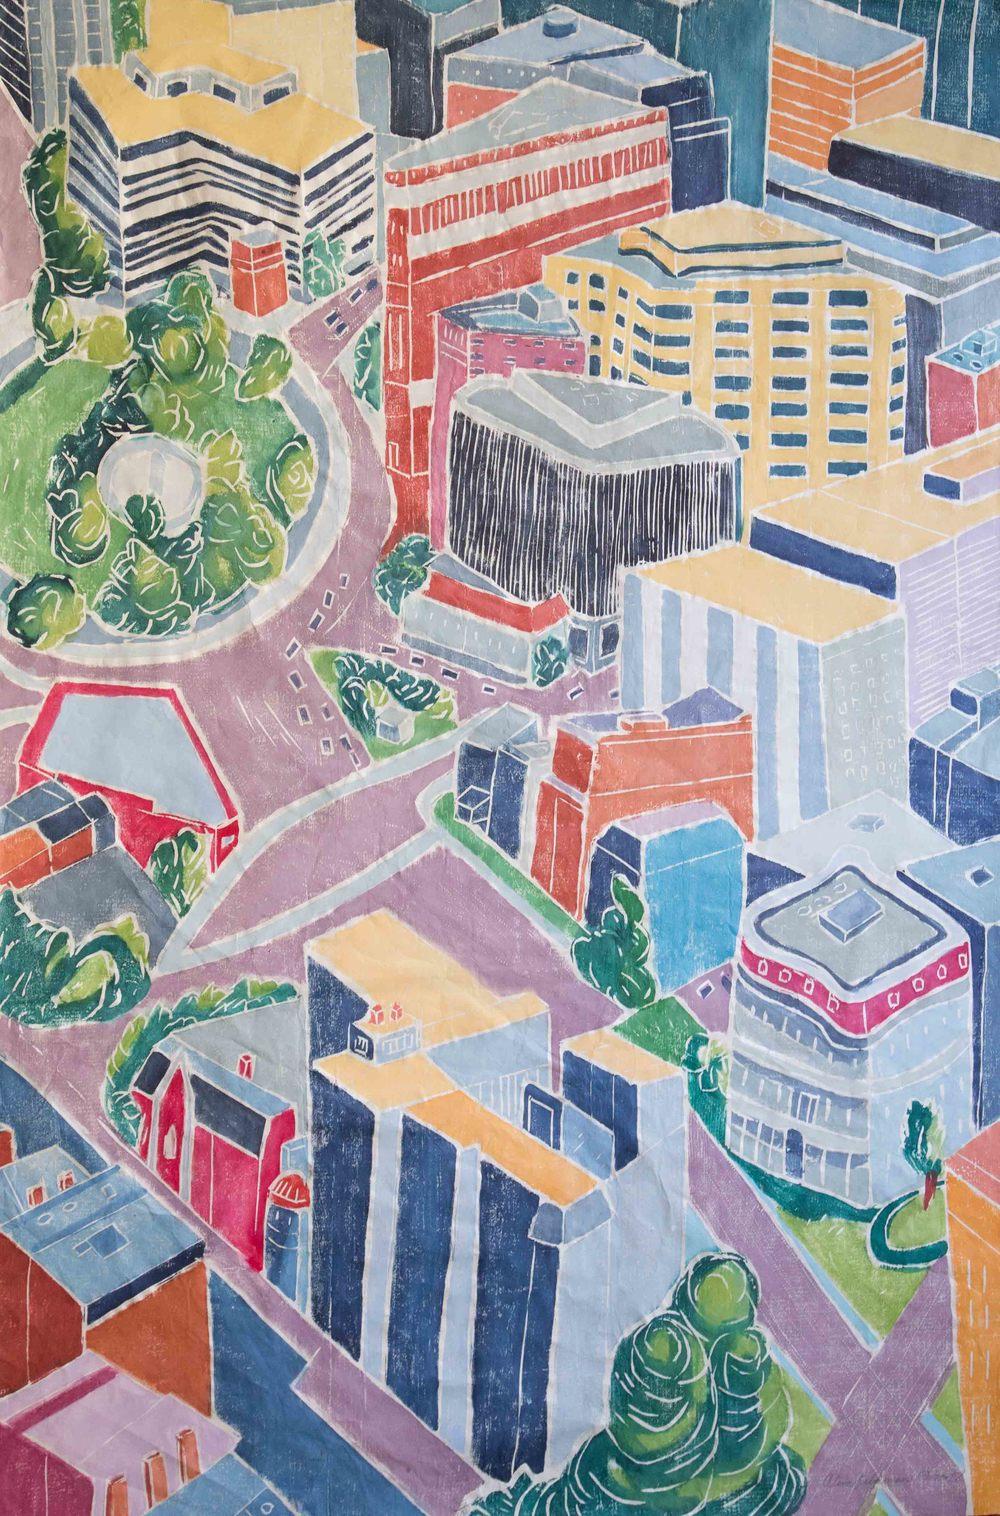 Midtown, Between Buildings 2, Wood Cut on Paper, 48 x 32